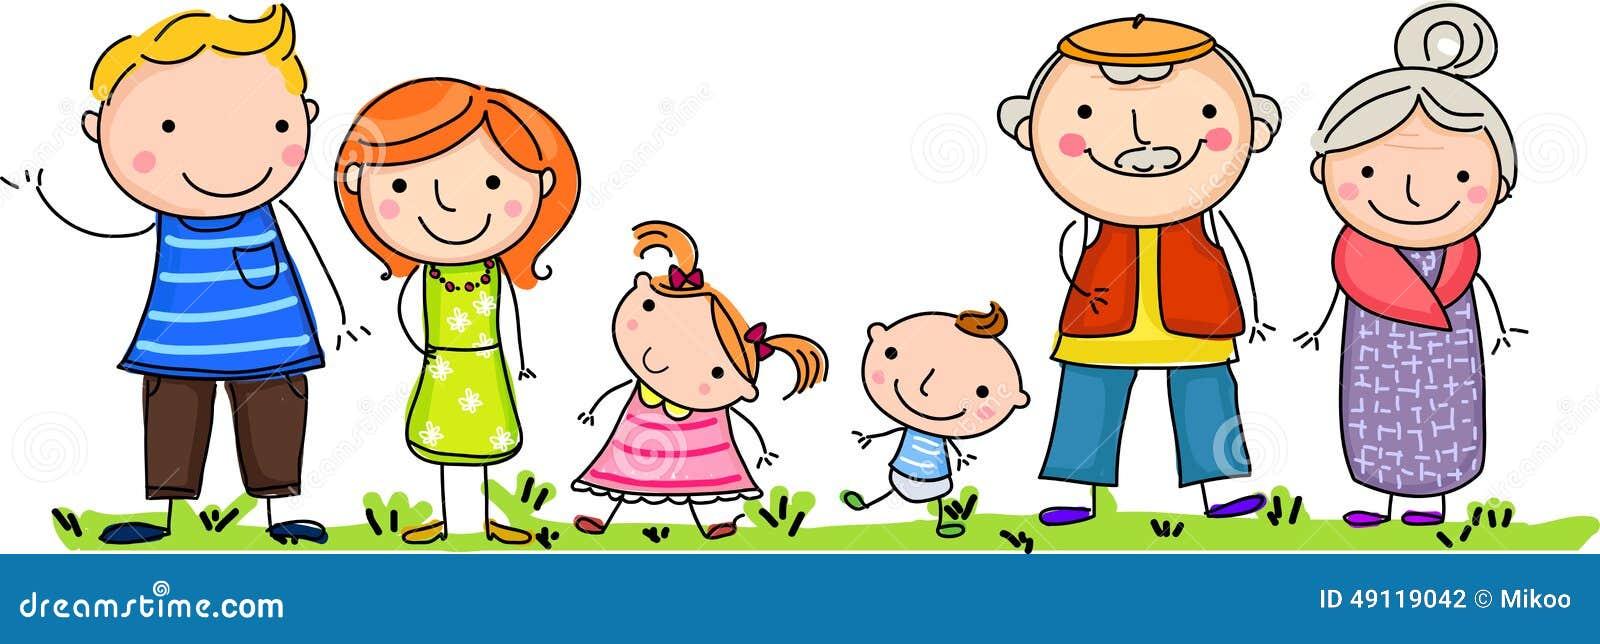 Картинки счастливая семья с детьми